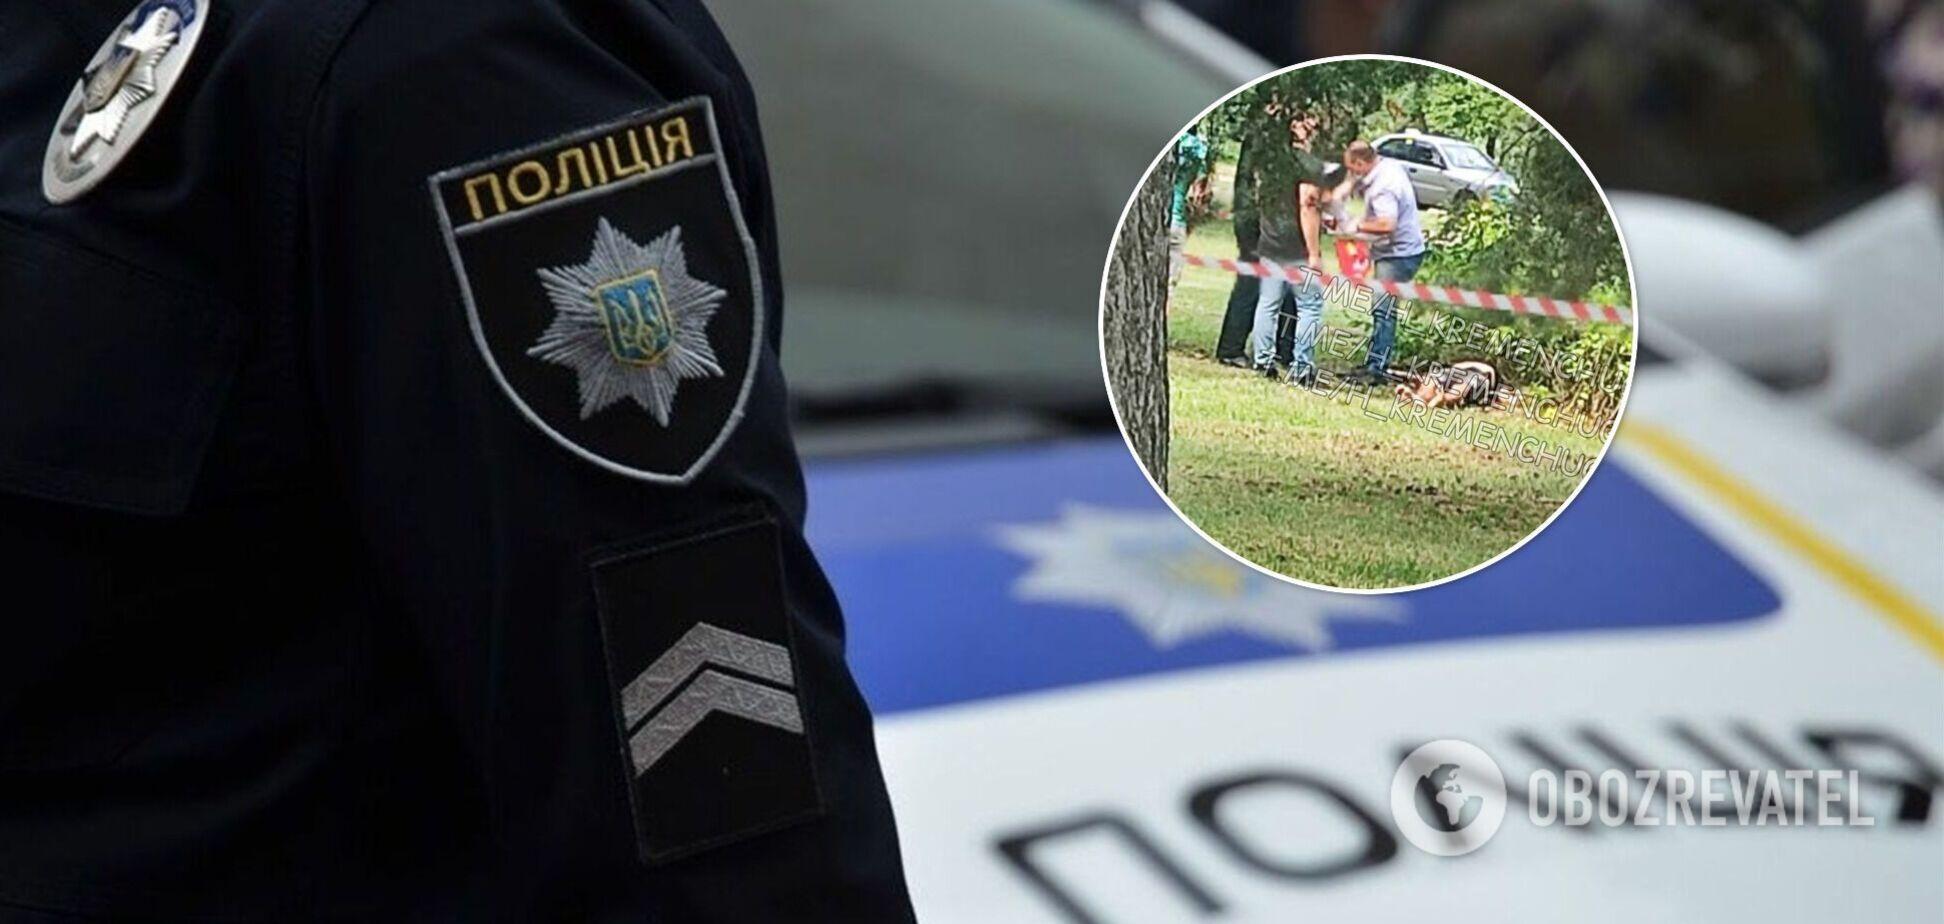 На Полтавщині виявили мертвим 22-річного хлопця: з'ясувалися деталі трагедії. Фото